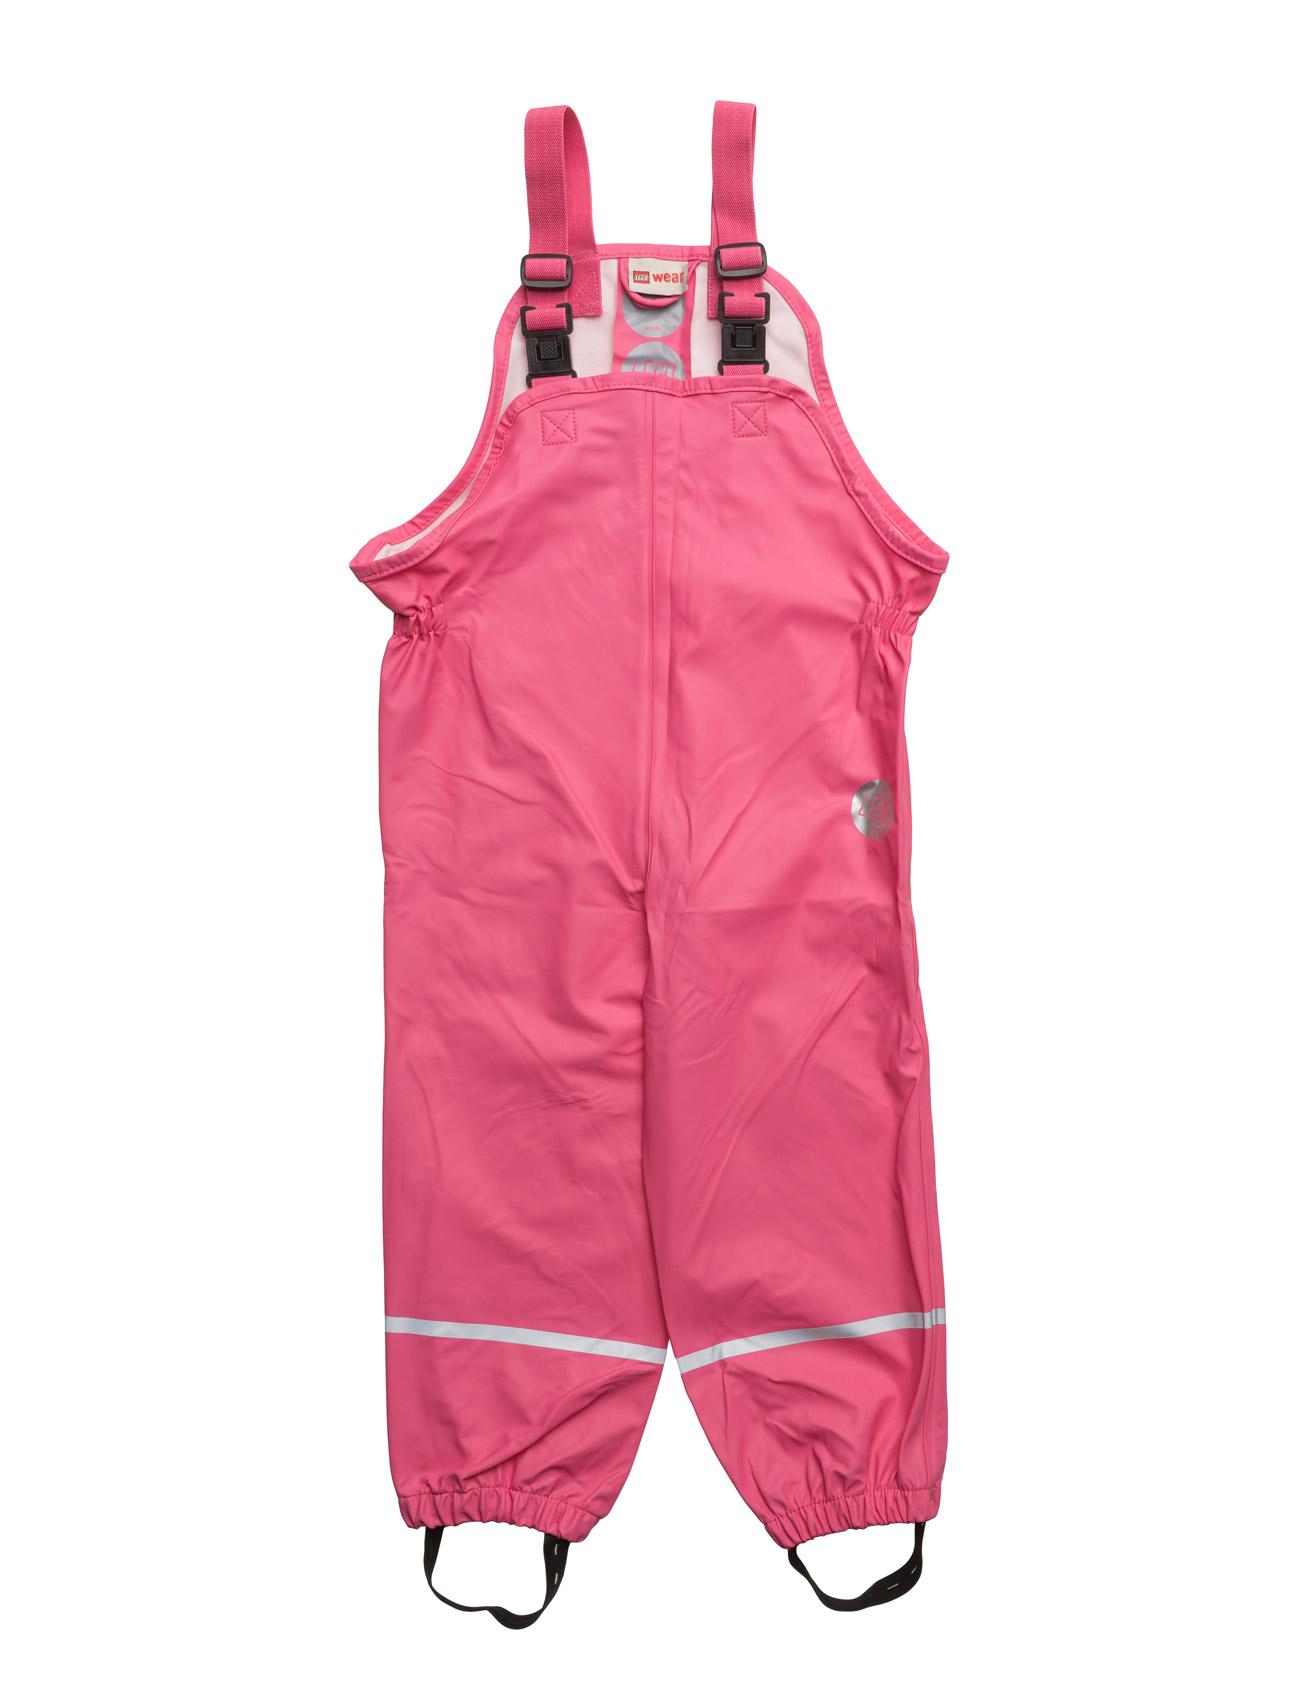 04f3f1cdd433 Pia 201 - Rain Pants Lego wear Regntøj til Børn i Lyserød ...